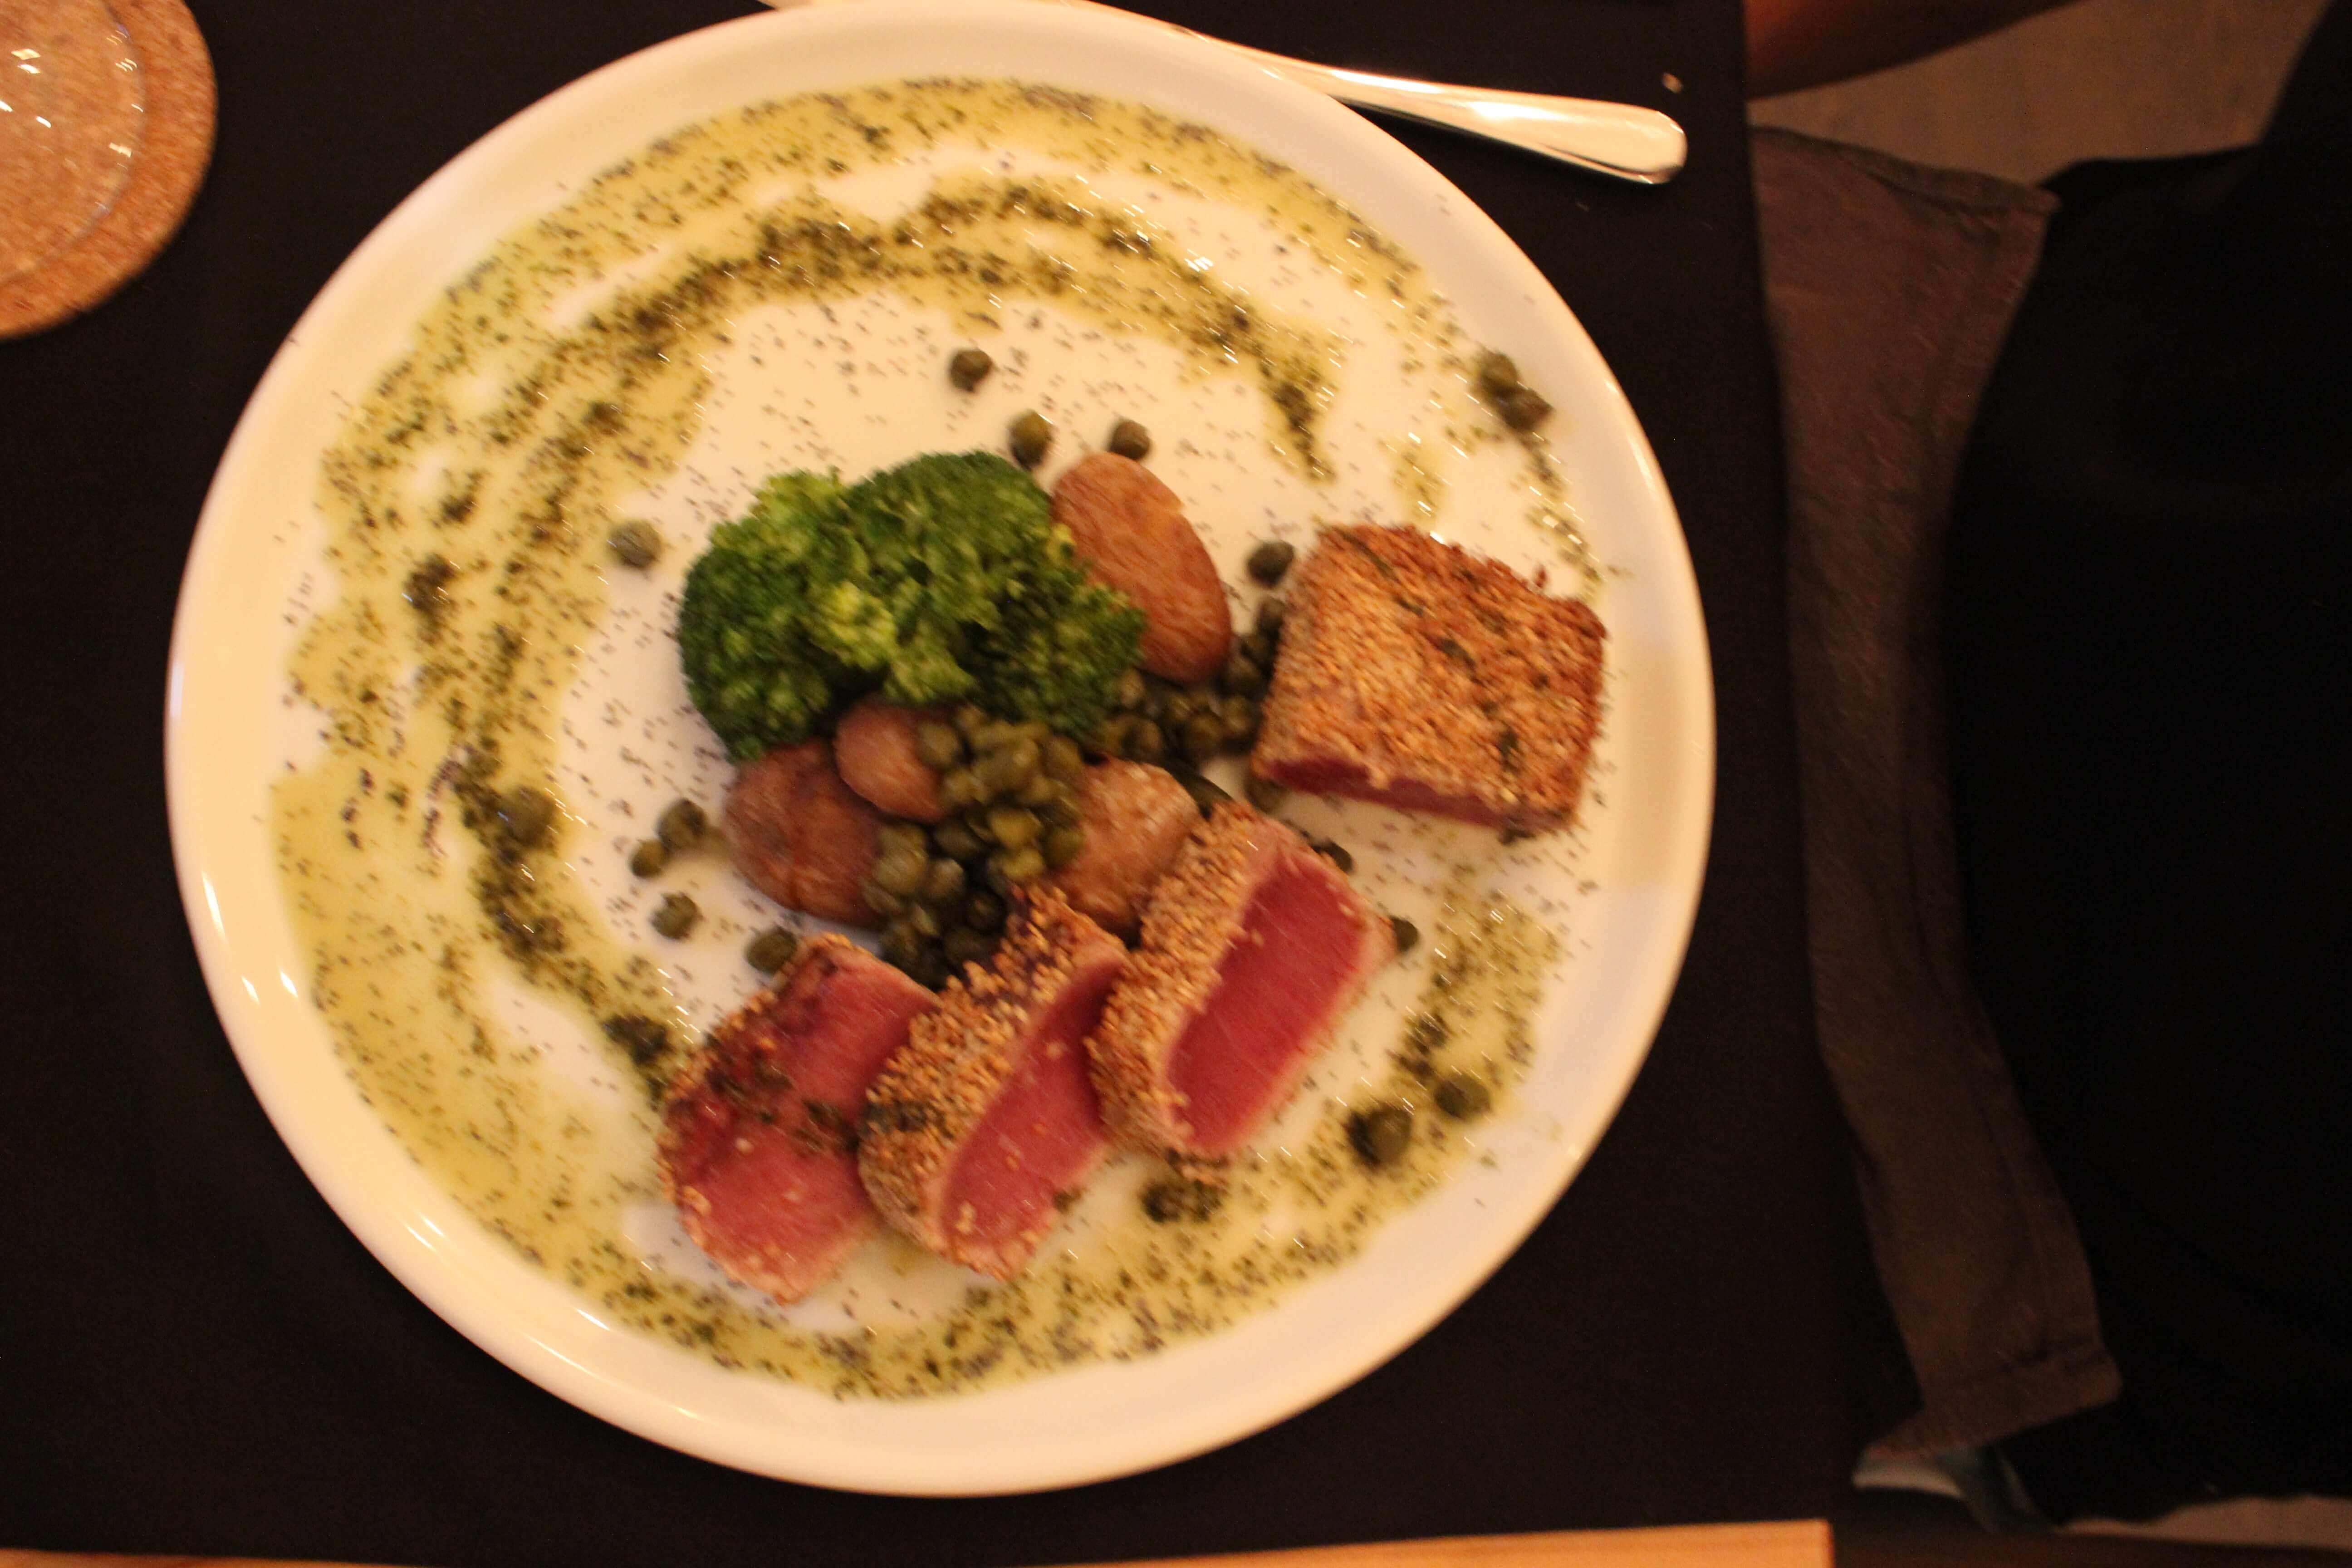 tuna steak with veggies and potatoes